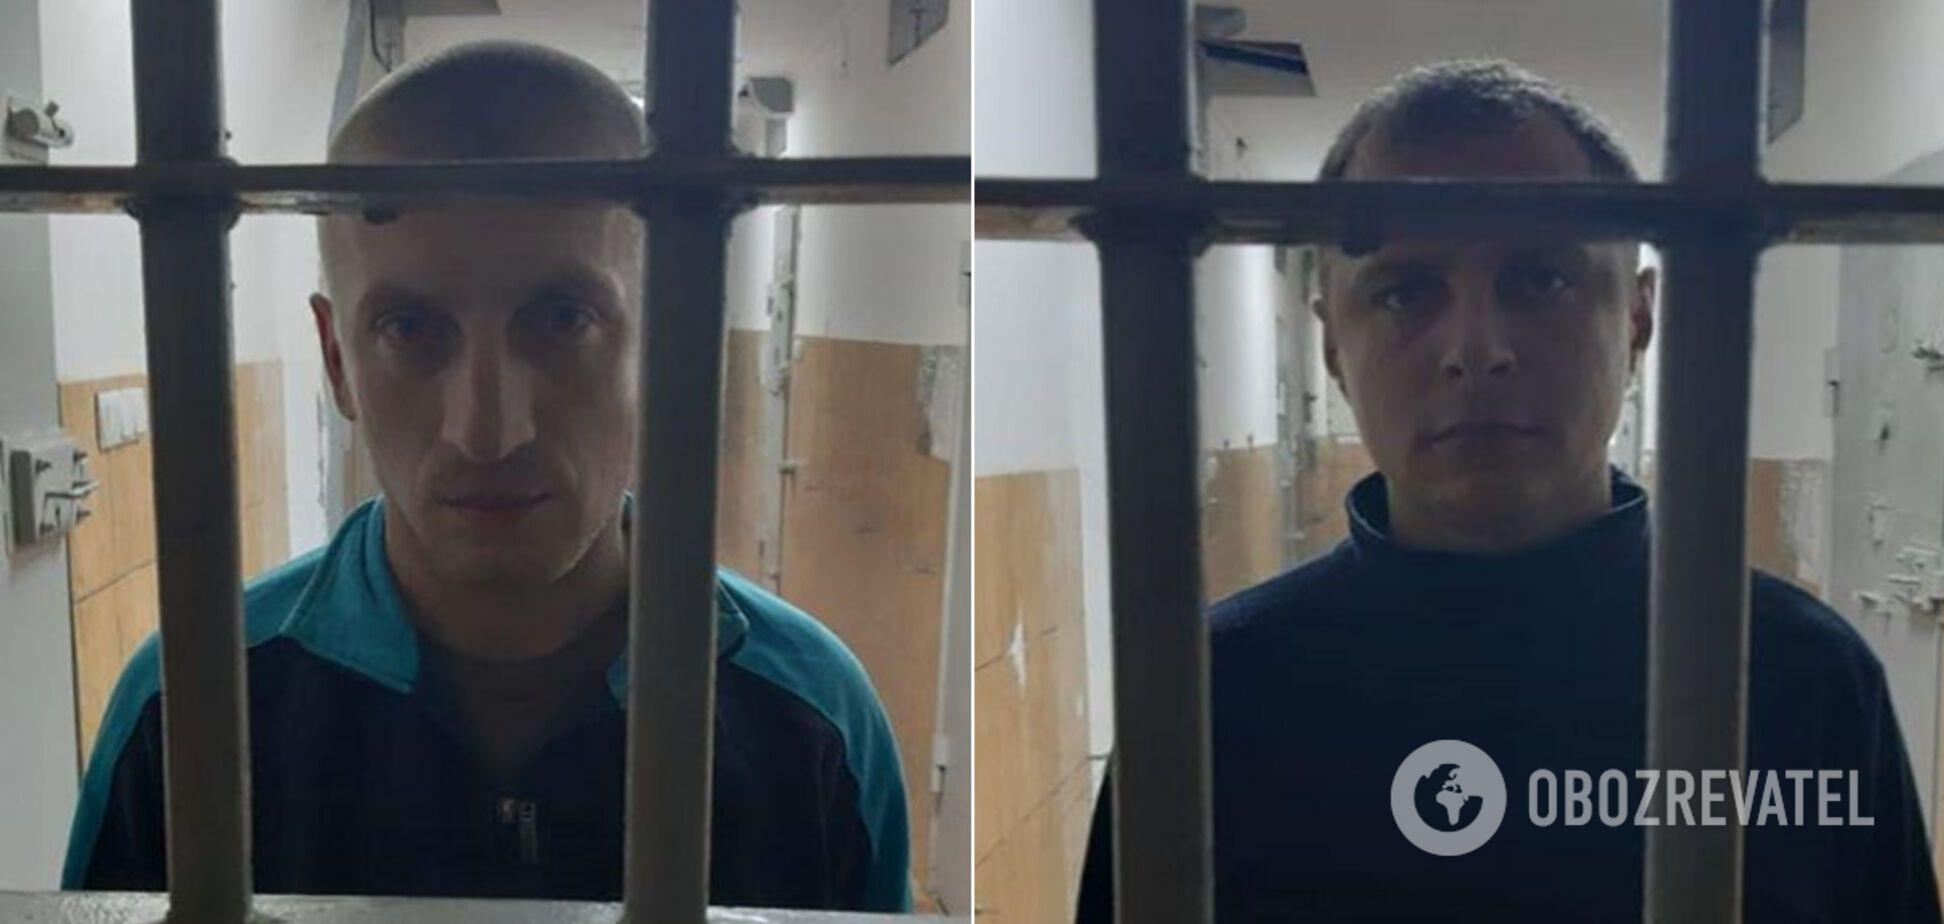 У МВС розкрили деталі зґвалтування на Київщині: копів 'блискавично' відправили в СІЗО